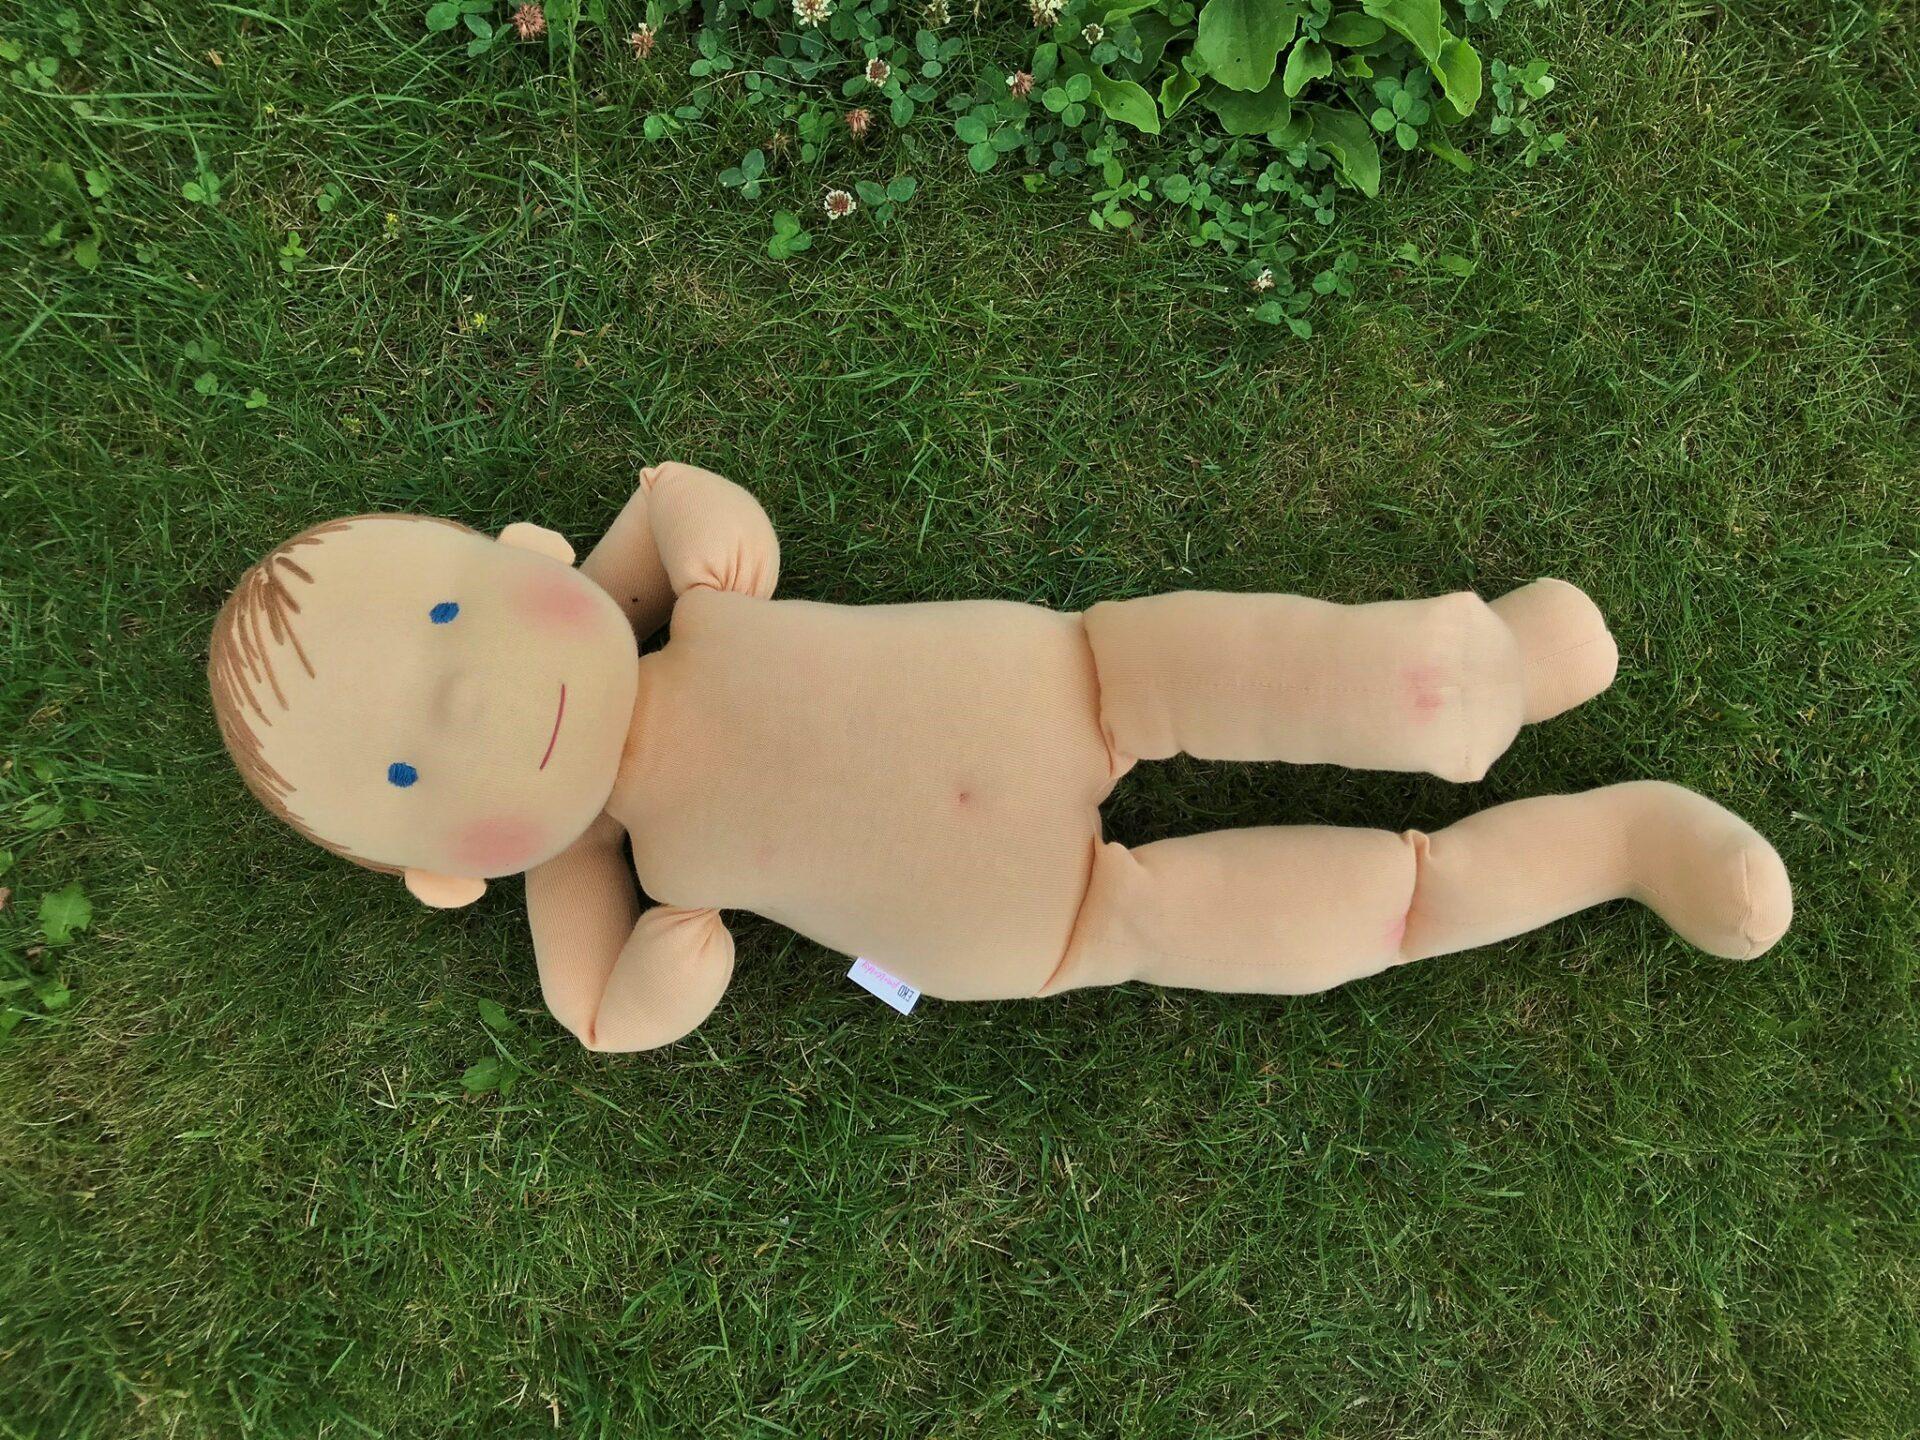 60 cm vysoká panenka při poležení v trávě